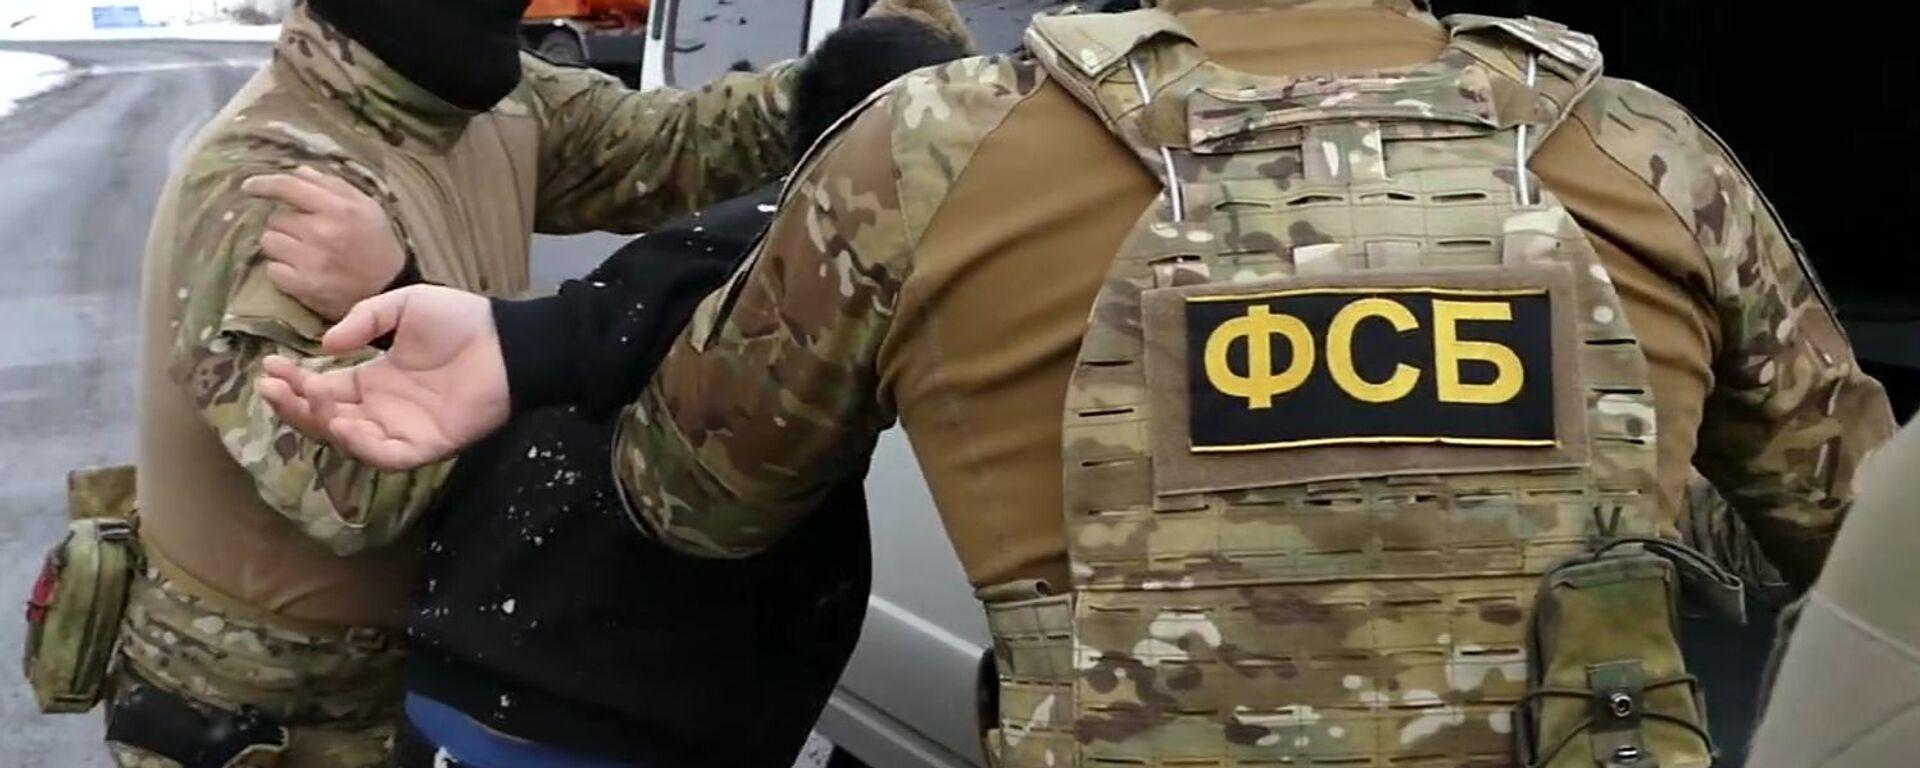 Сотрудники ФСБ России - Sputnik Таджикистан, 1920, 15.09.2021